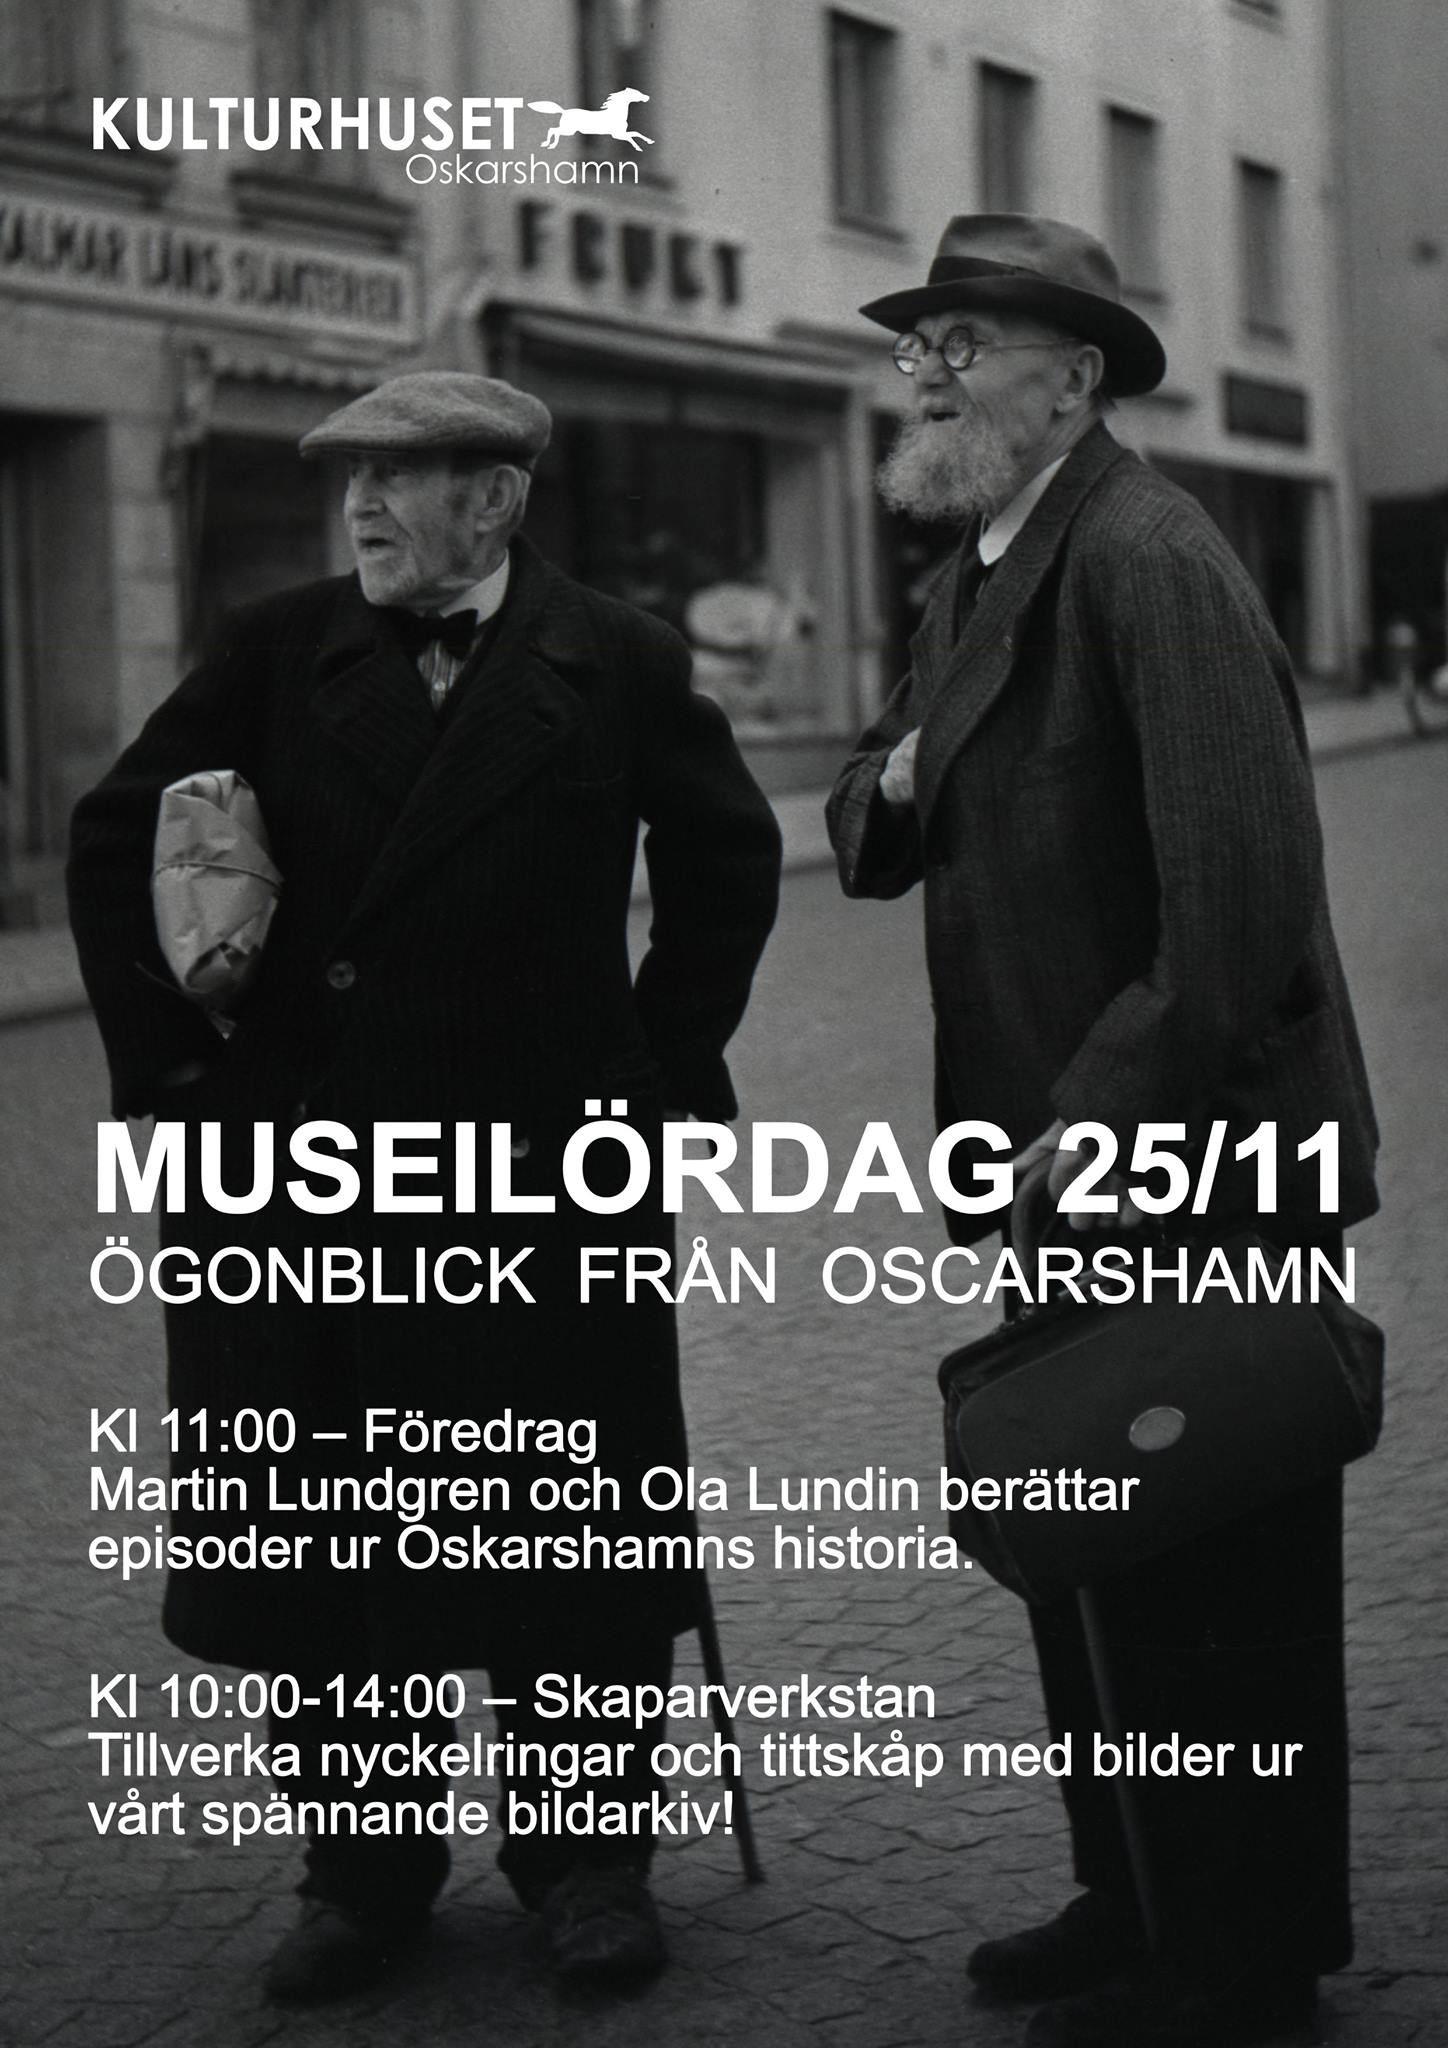 Museilördag, ögonblick från Oskarshamn